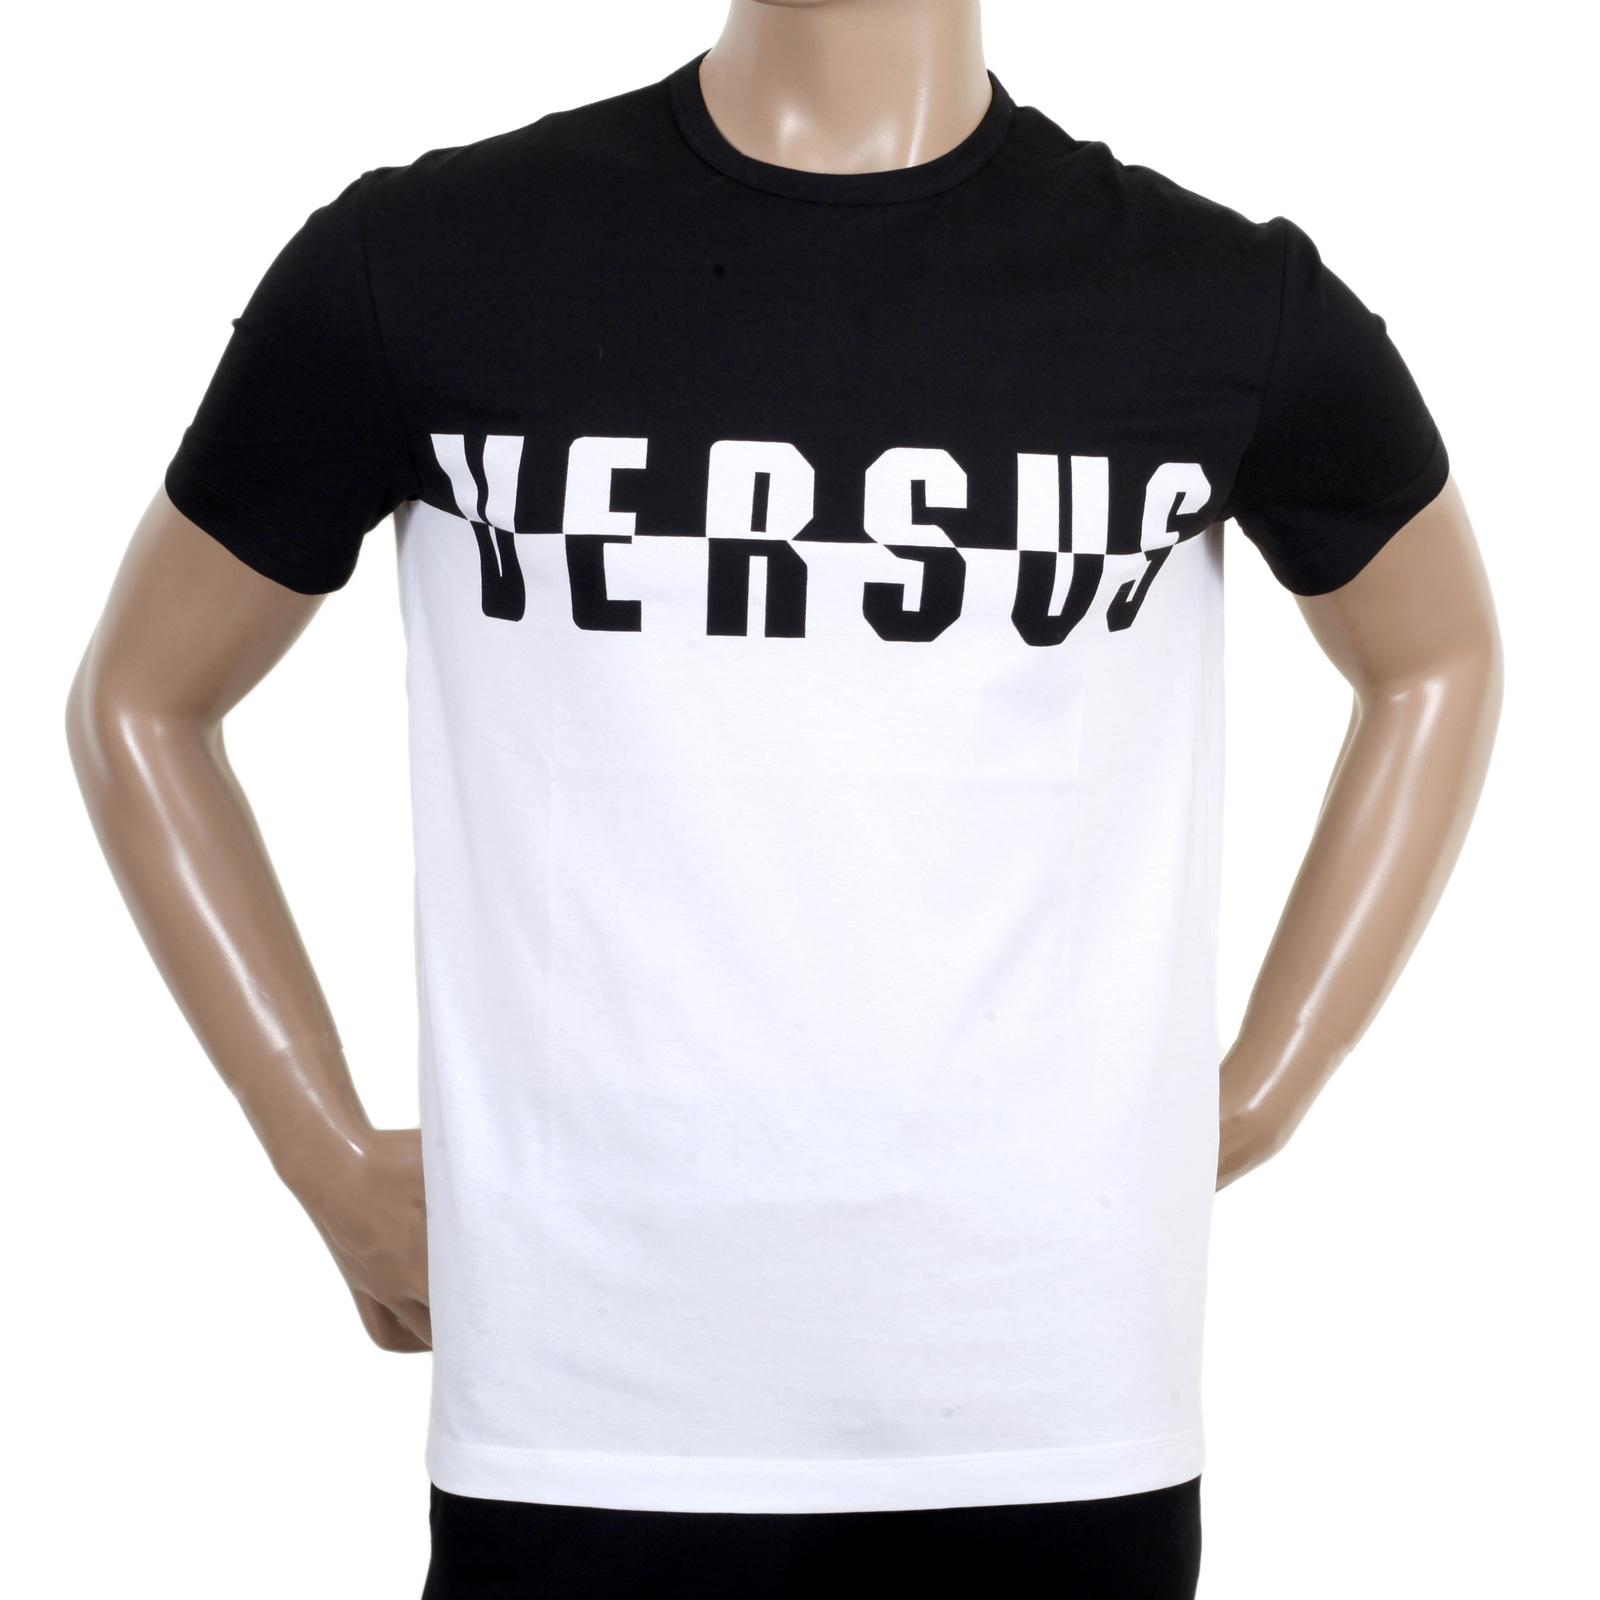 versace logo t shirts wwwpixsharkcom images